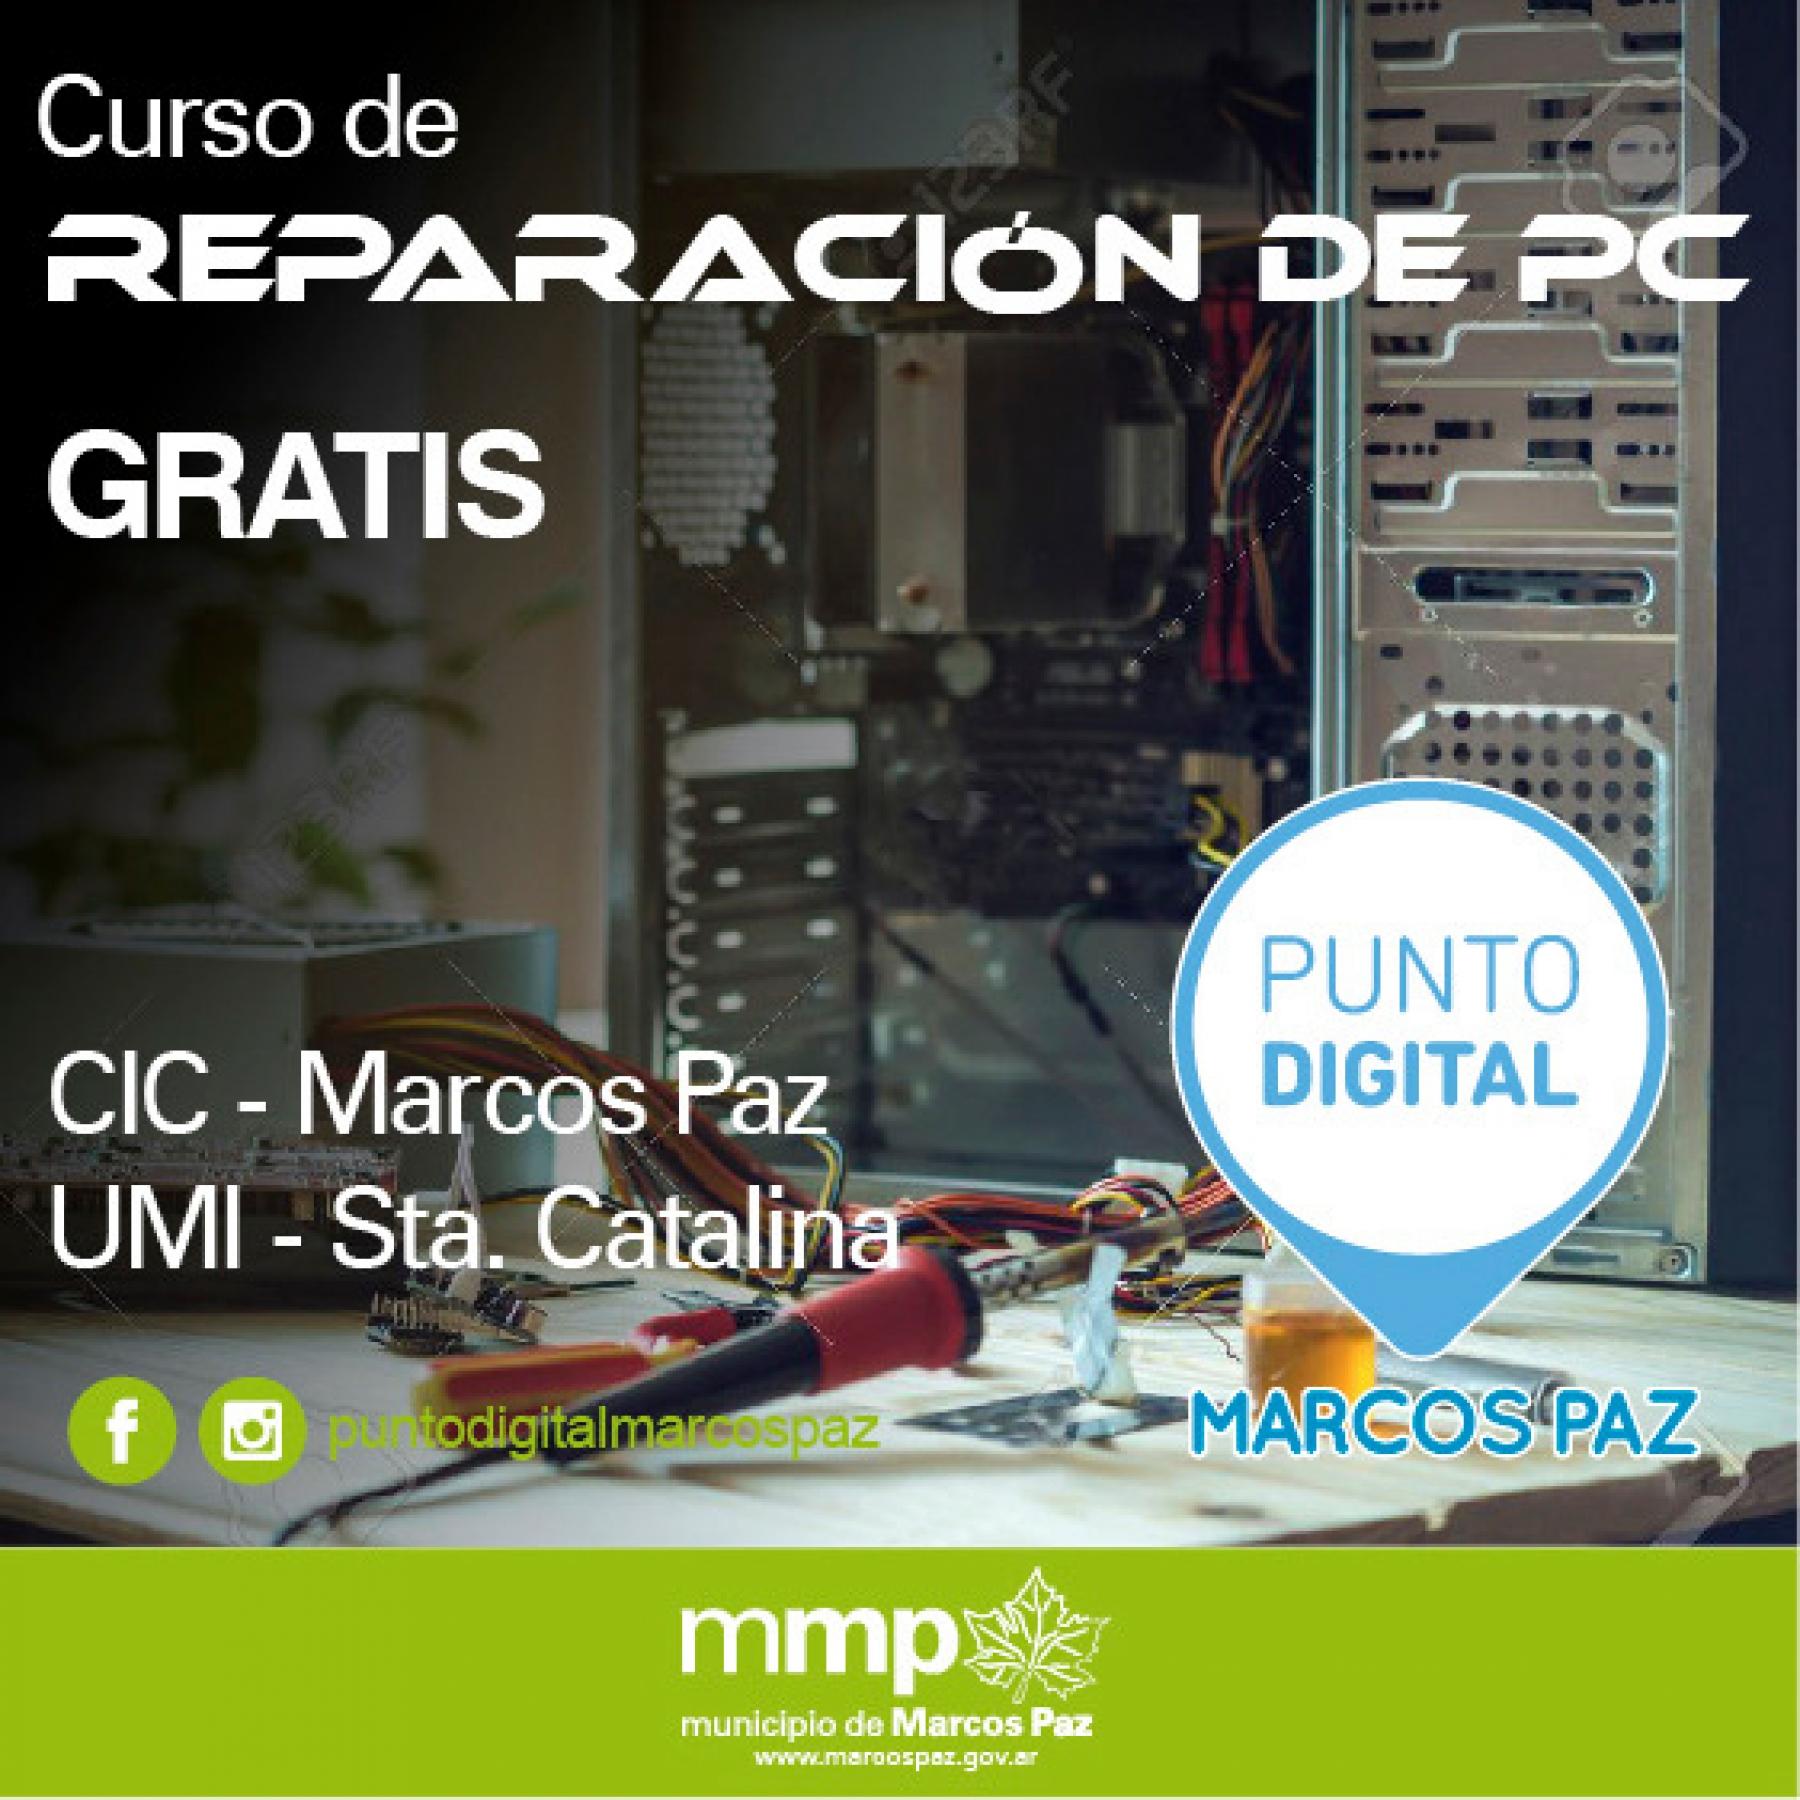 Inscripción para el Curso de Reparación de PC - Municipio de Marcos Paz